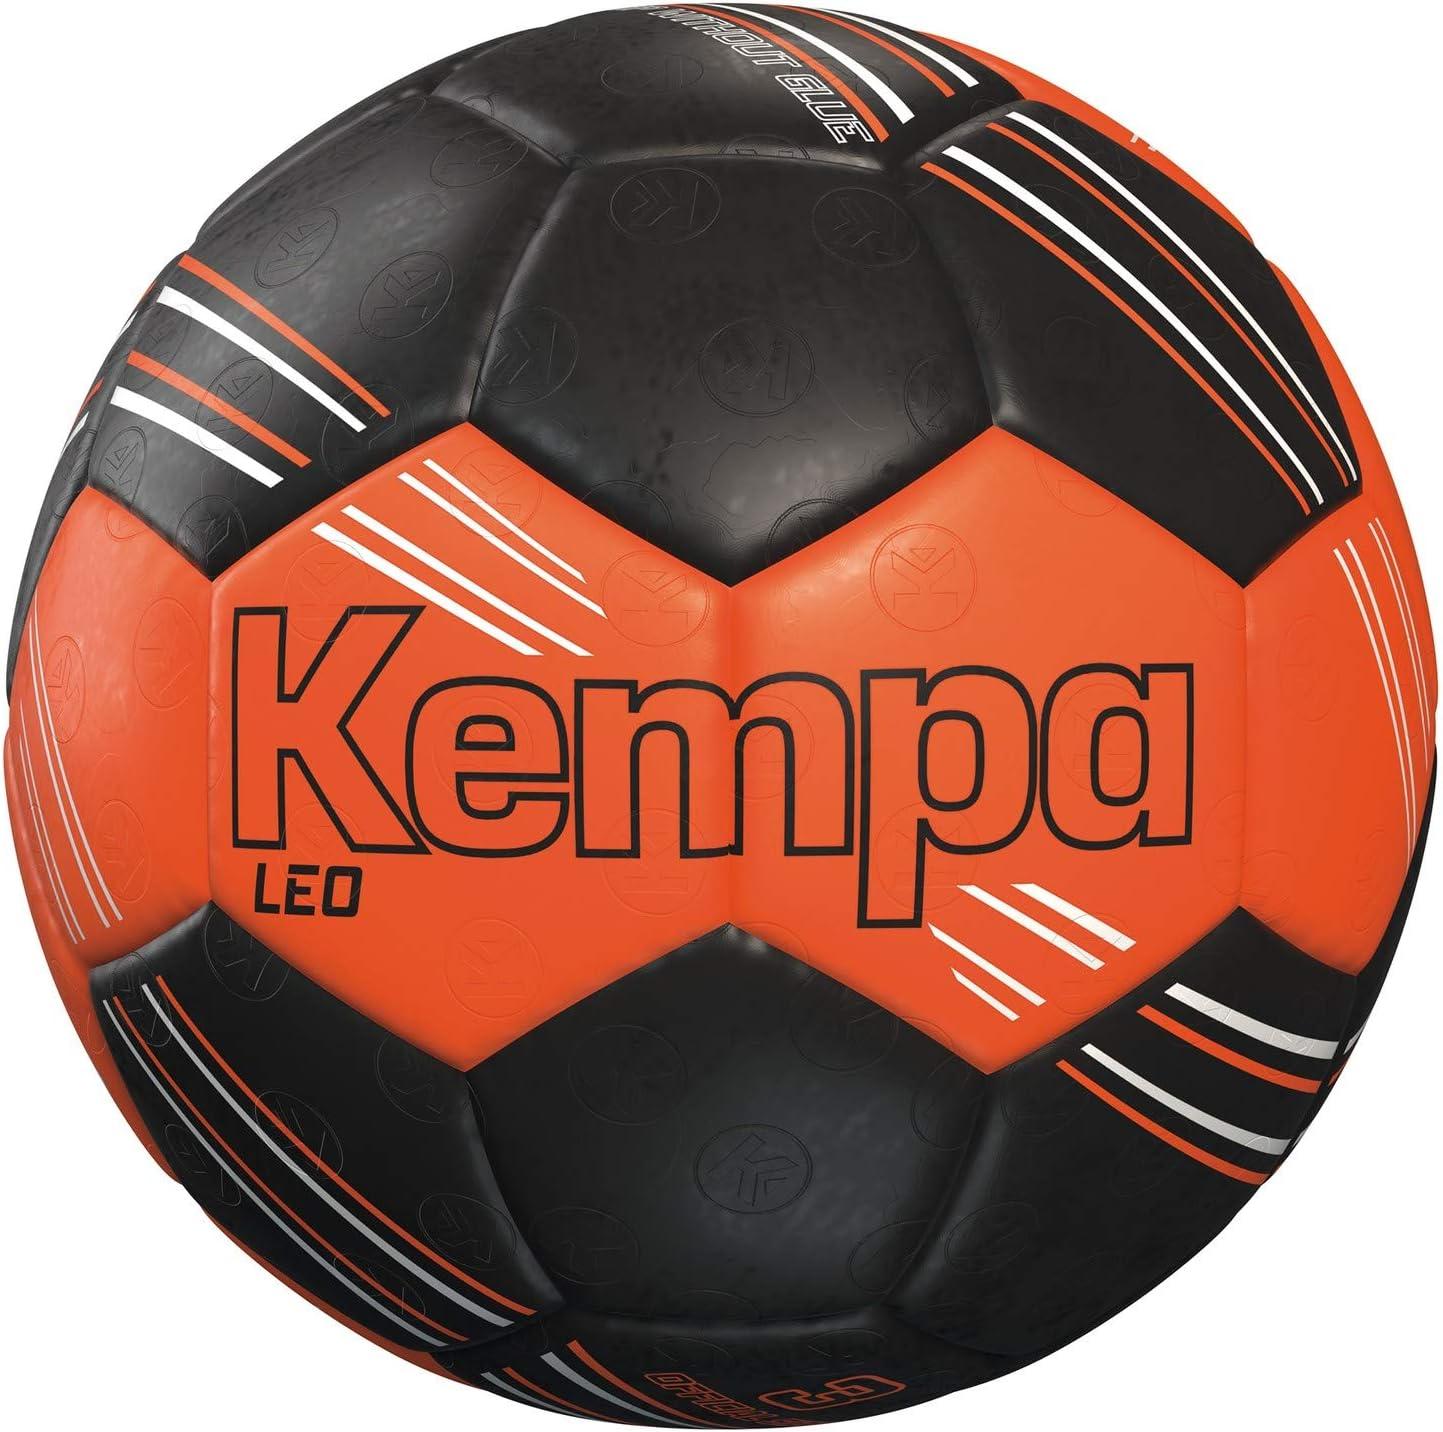 Unisex Adulto Kempa Leo Bal/ón de Juego